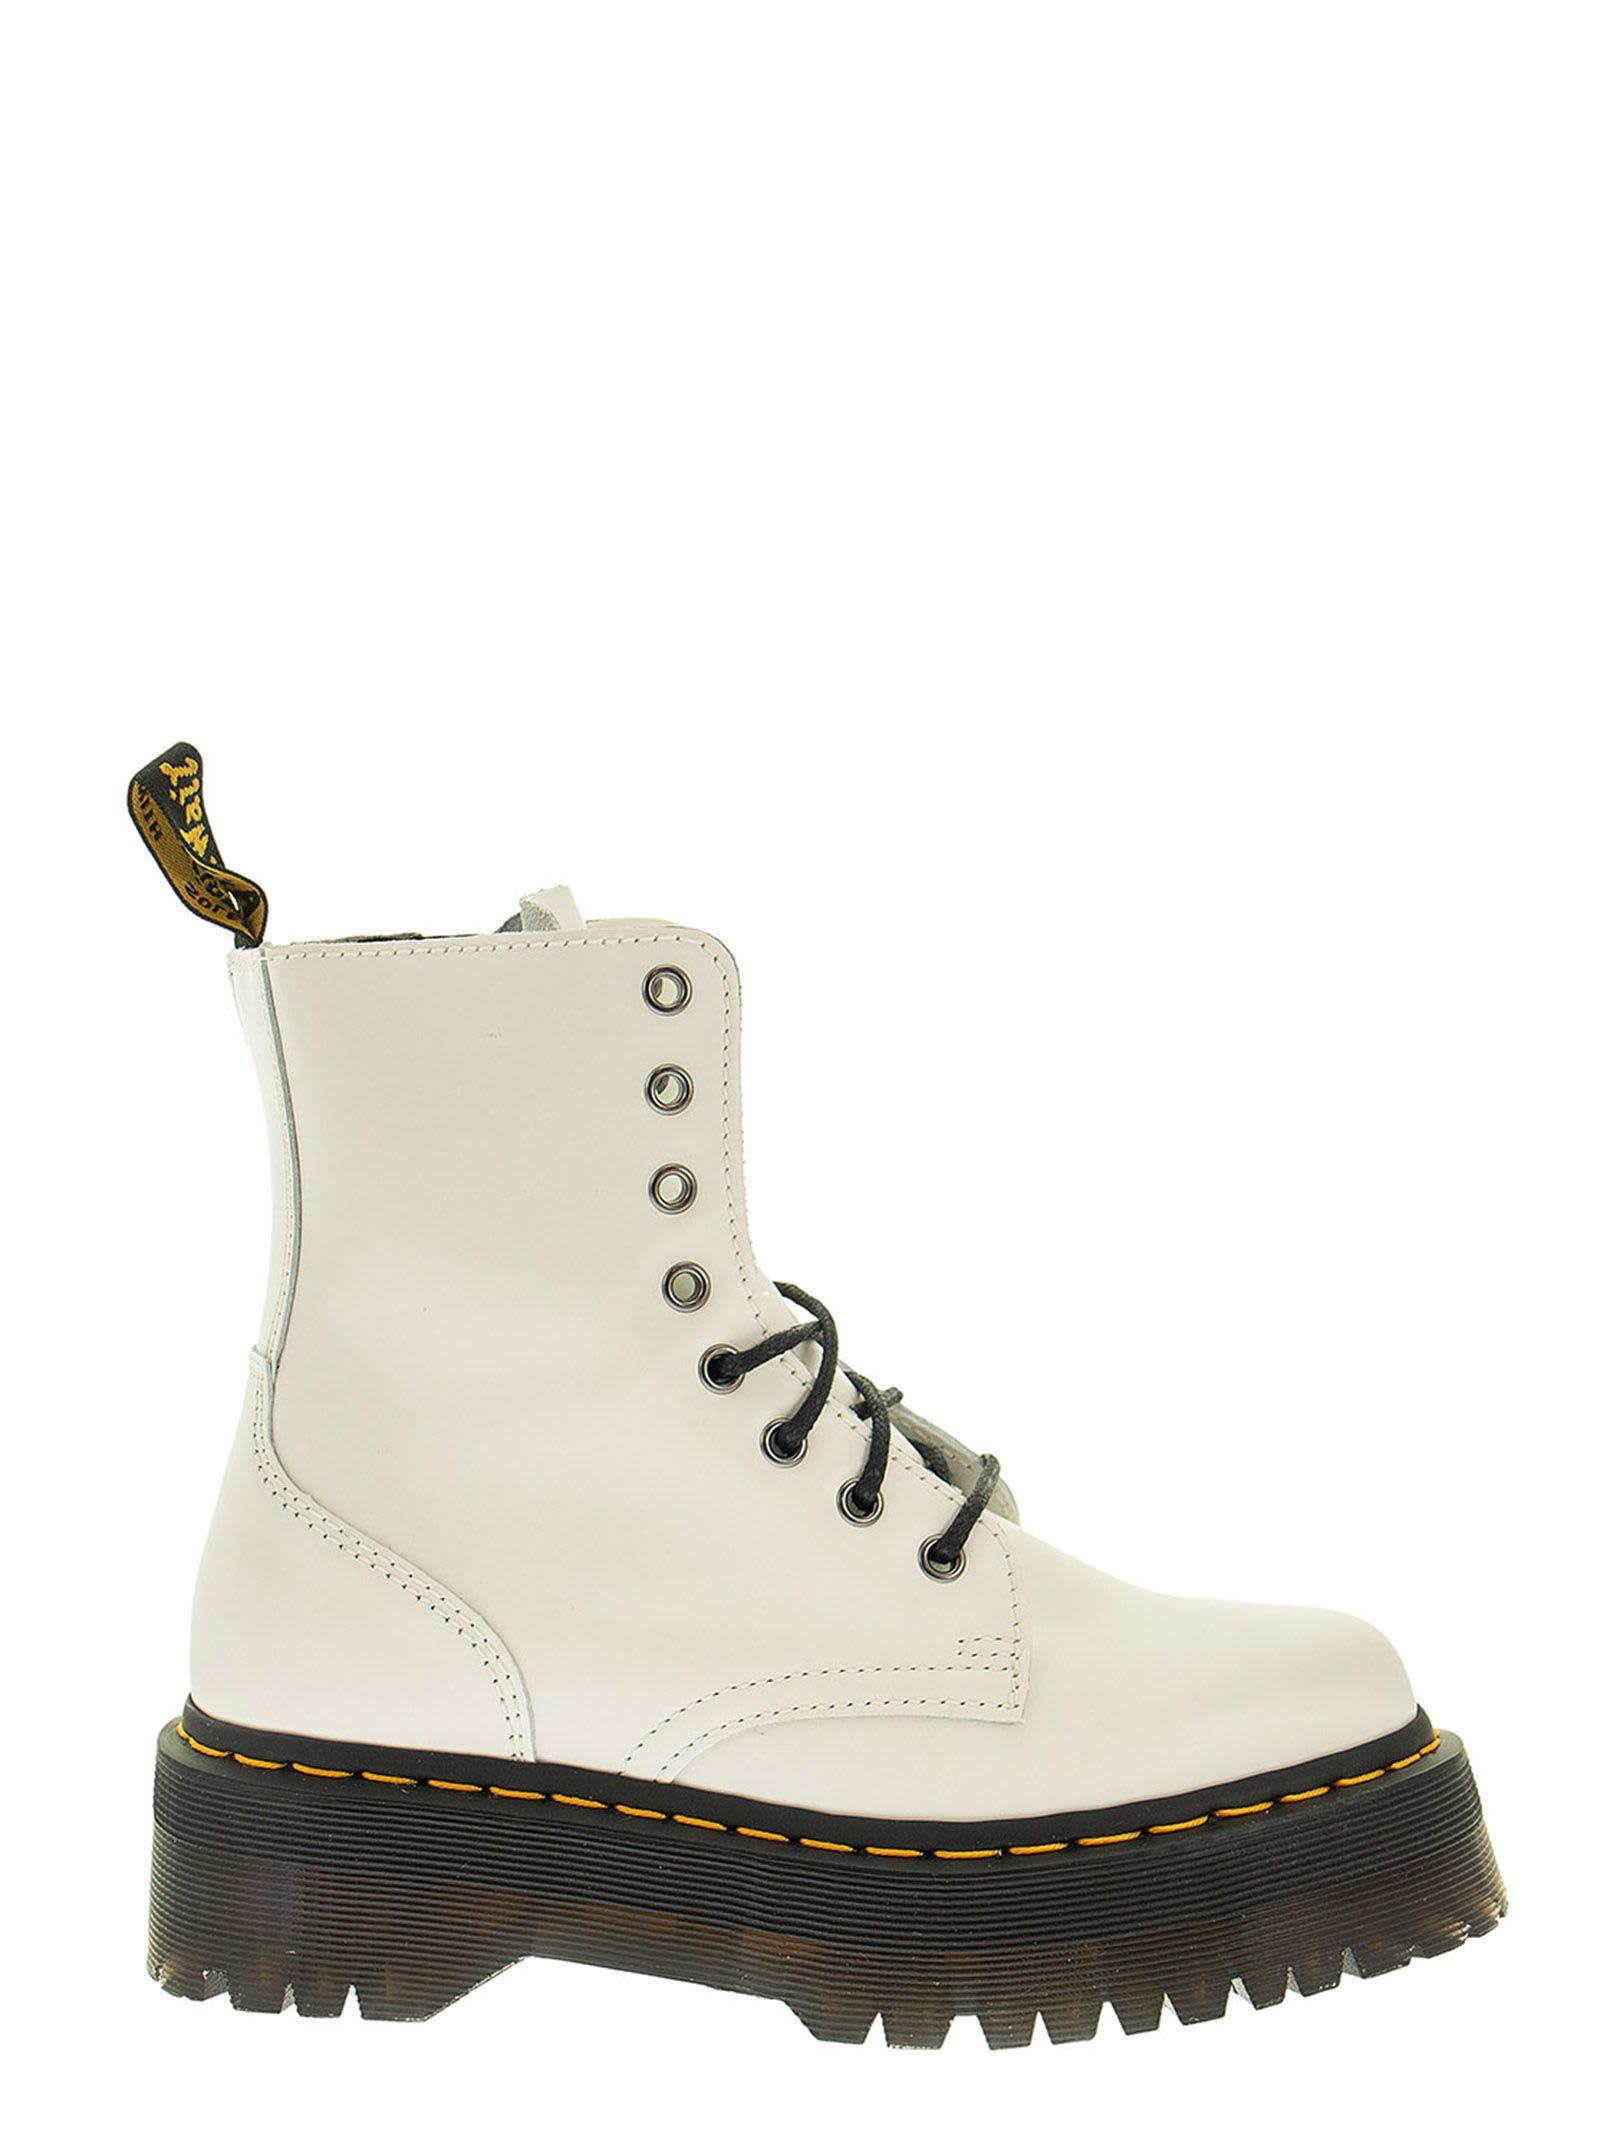 Dr. Martens Jadon - Platform Boots